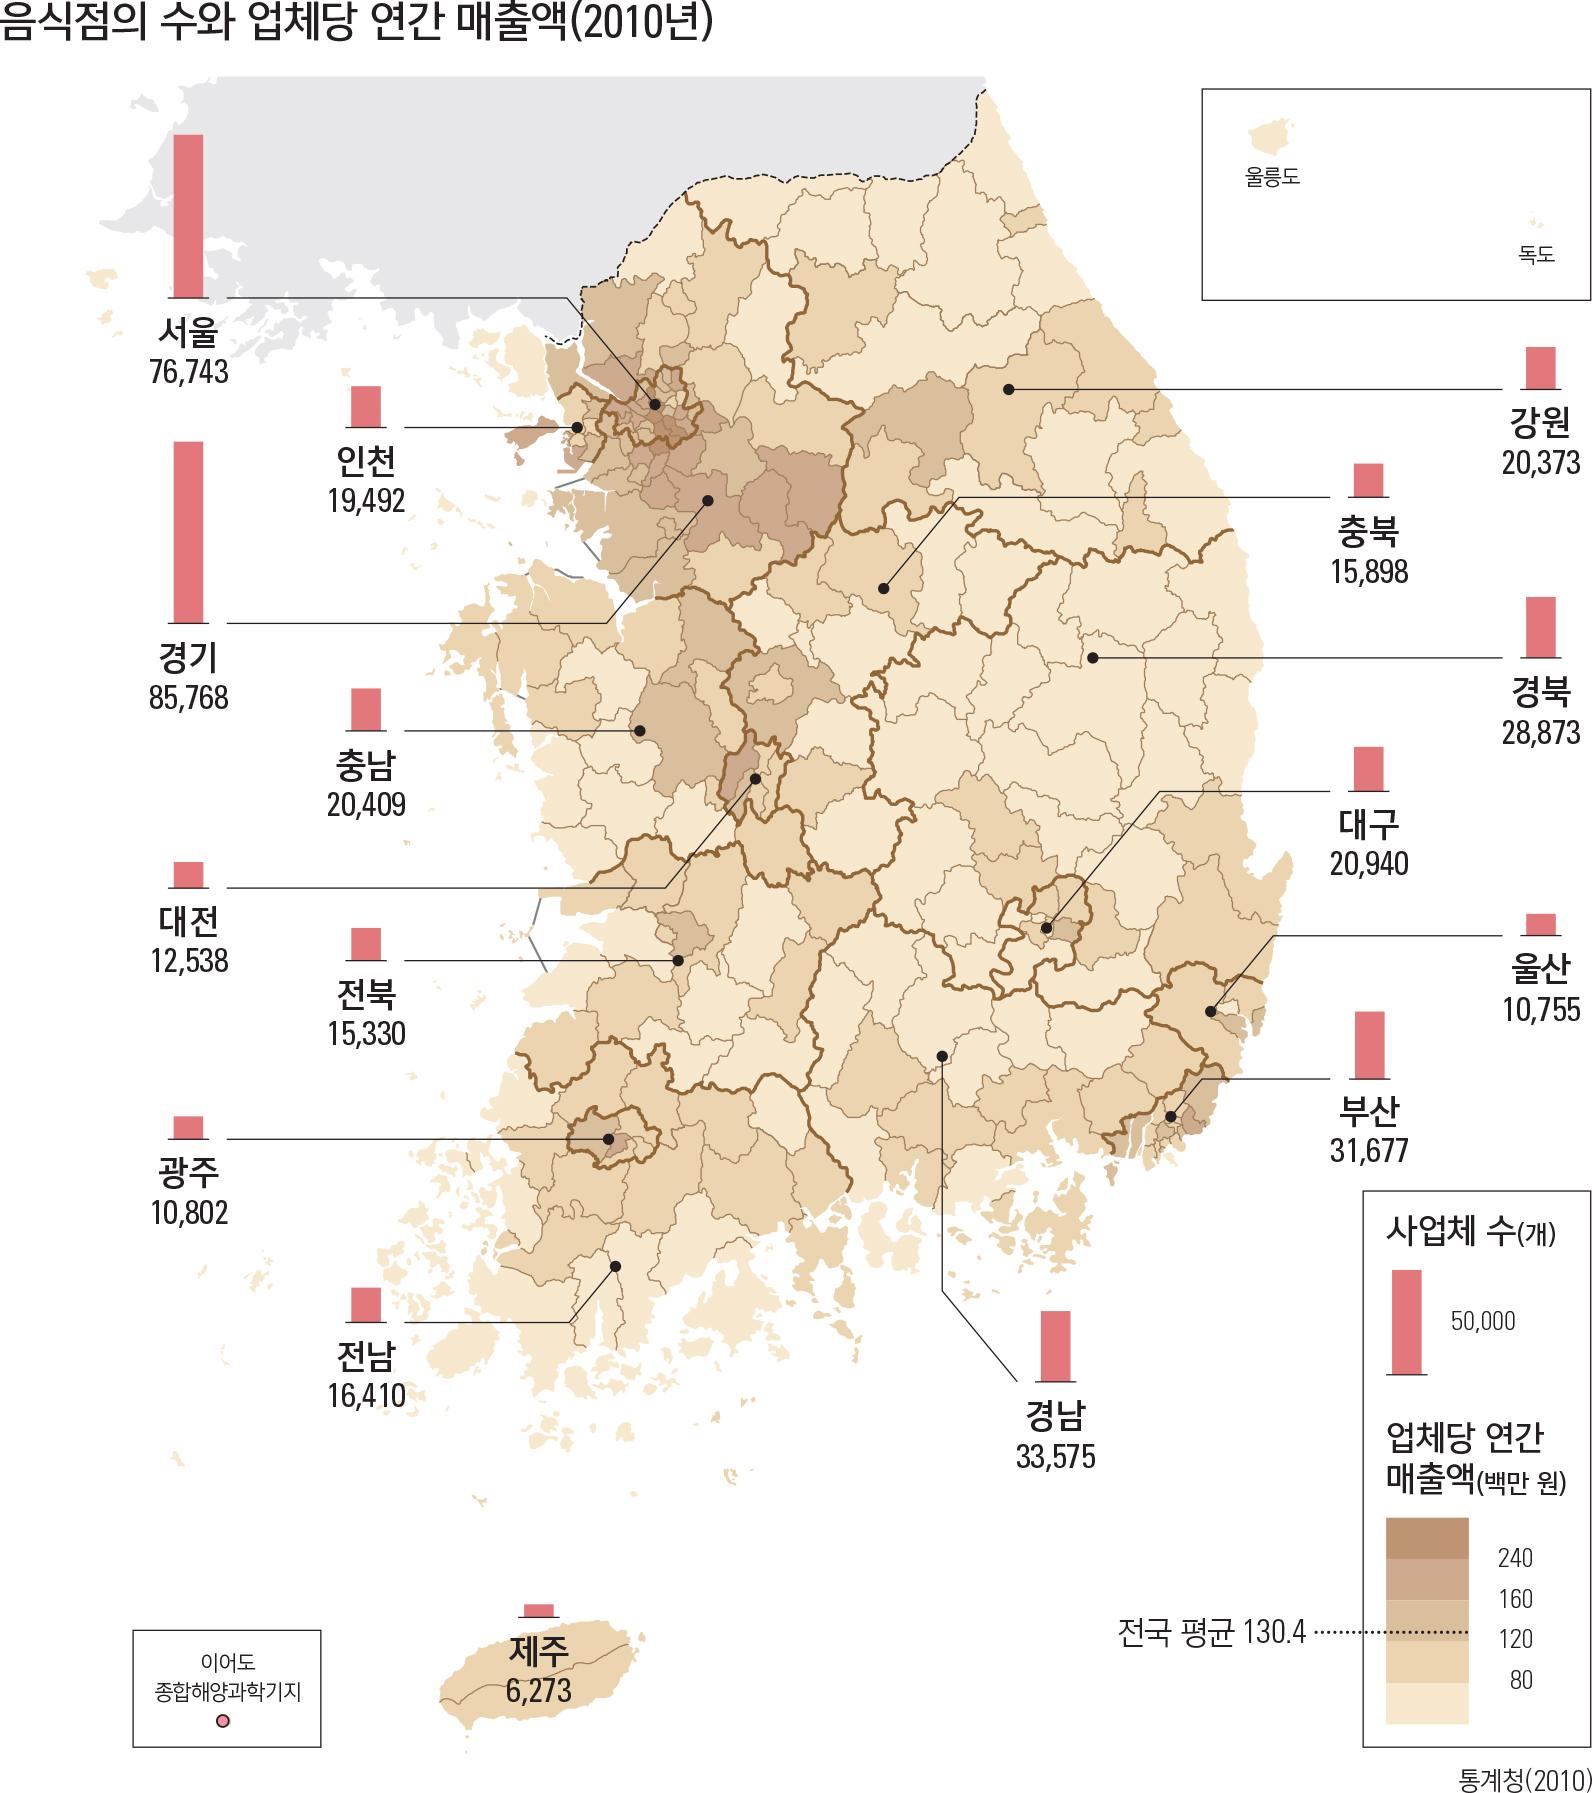 음식점의 수와 업체당 연간 매출액(2010년)